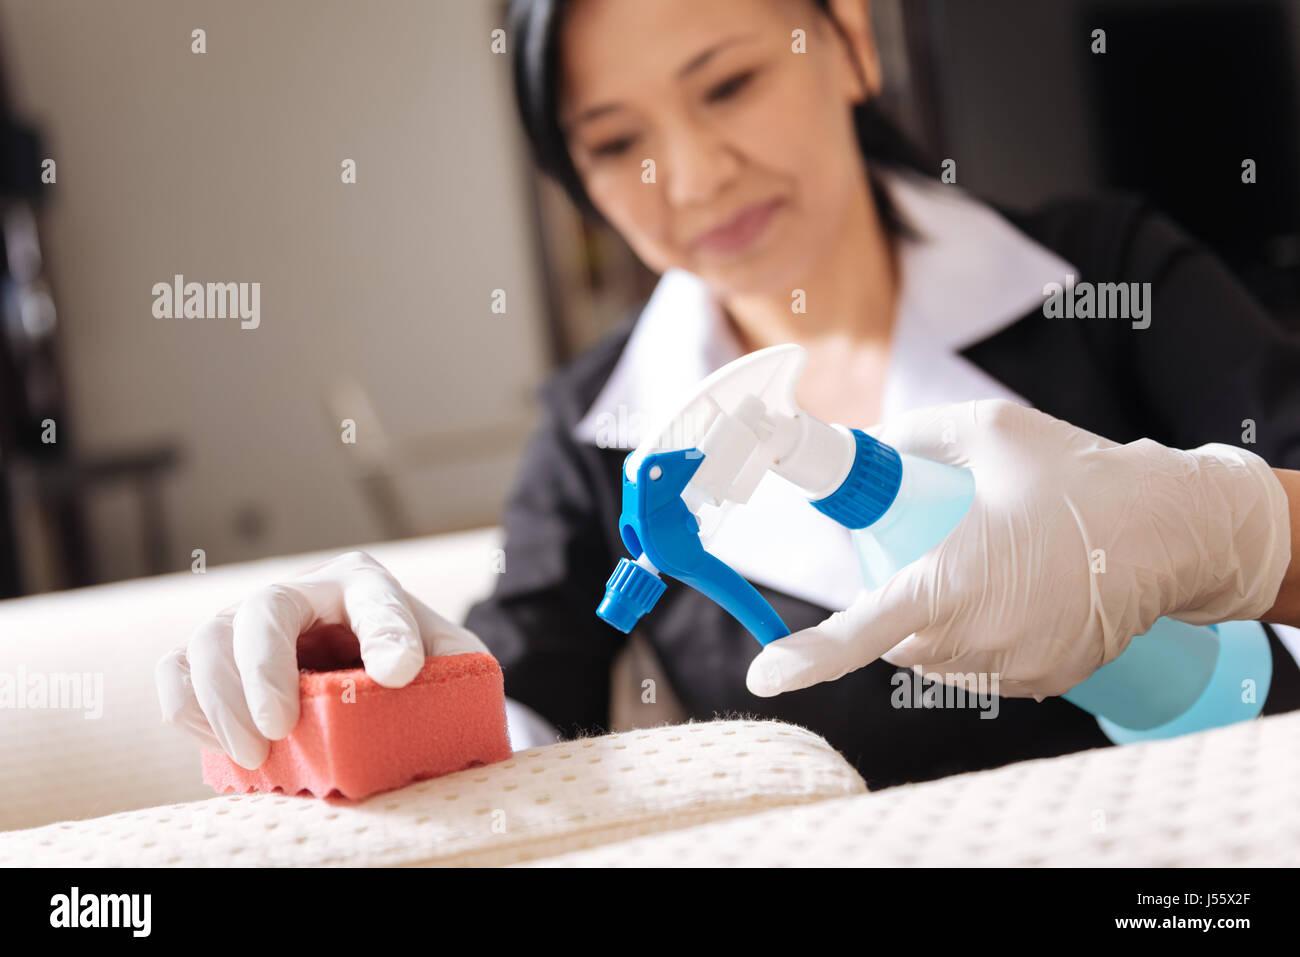 Selektiven Fokus eines Schwamm und Reinigung mittels Stockbild